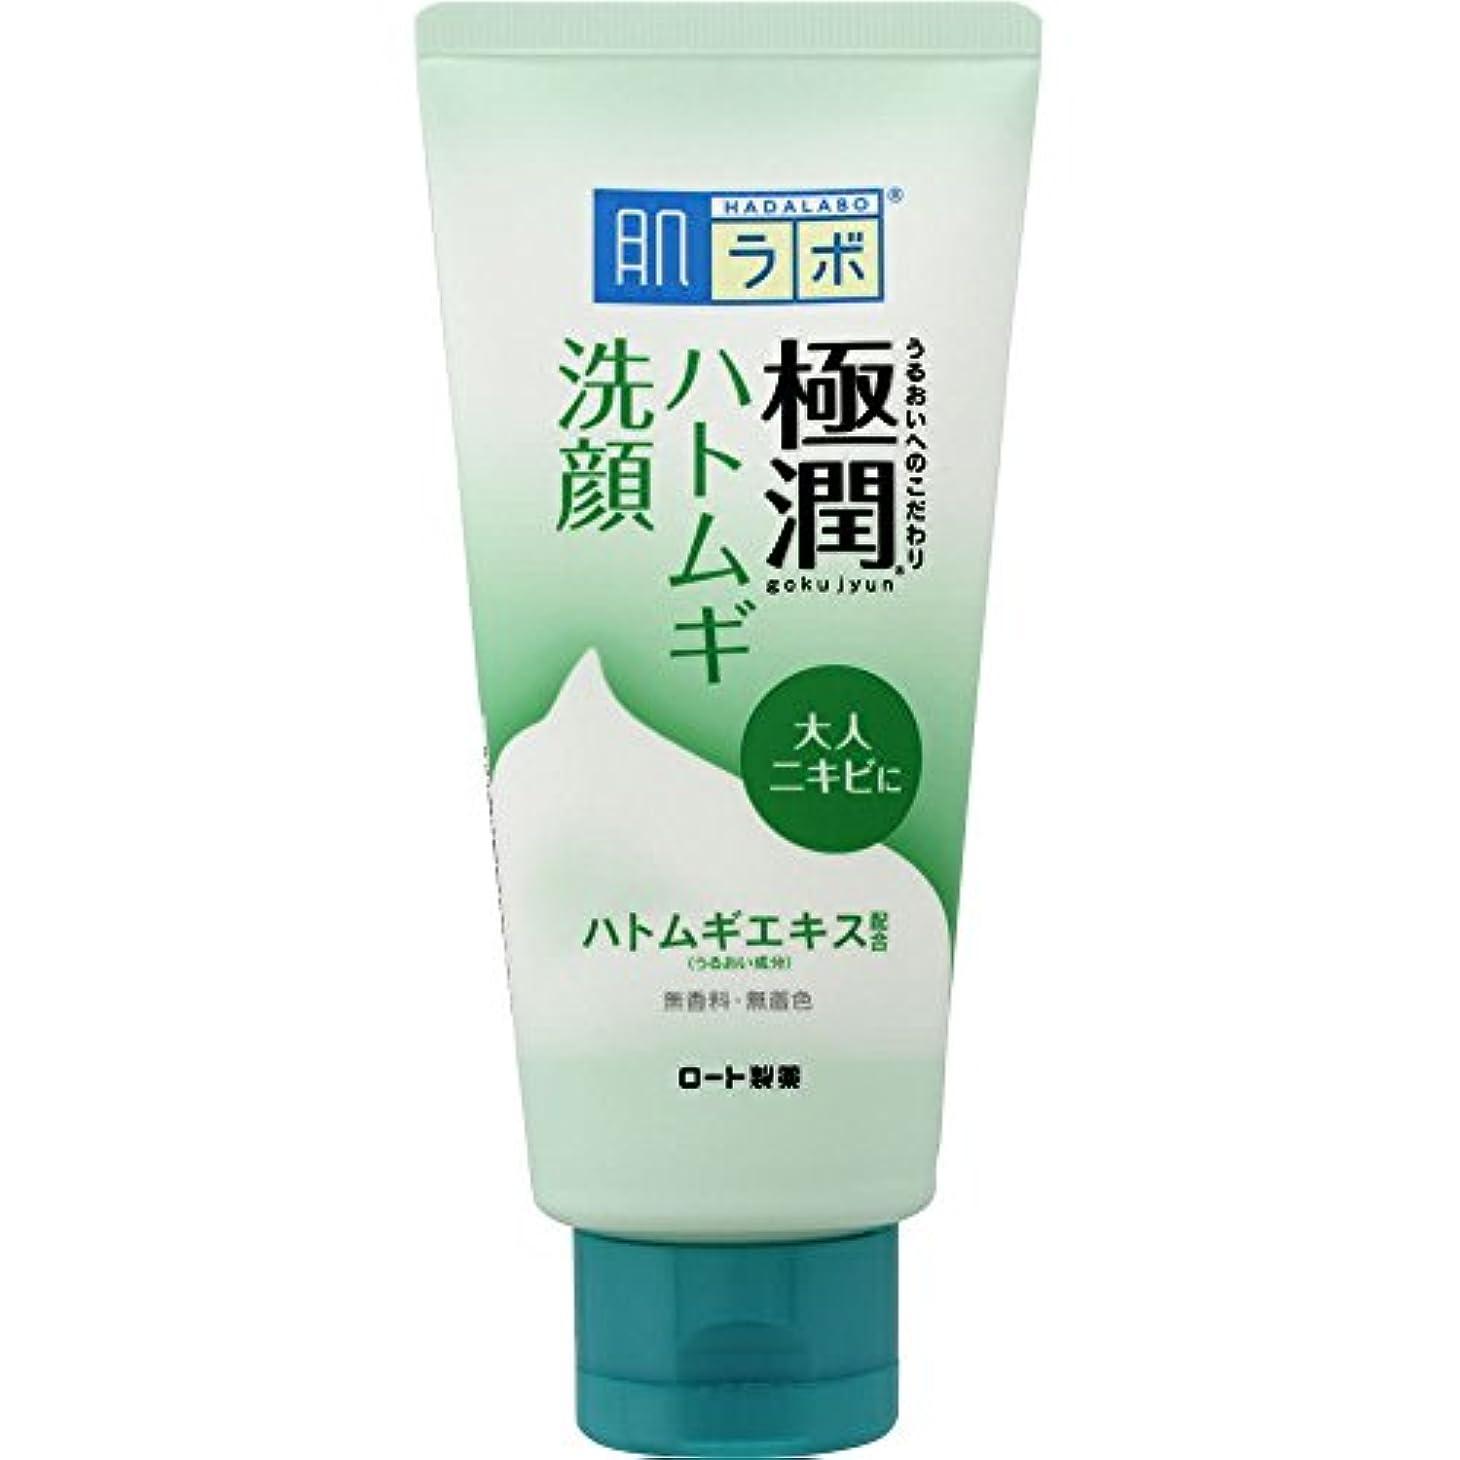 電圧アンドリューハリディ扱う肌ラボ 極潤 毛穴洗浄 大人ニキビ予防 ハトムギ洗顔フォーム 100g